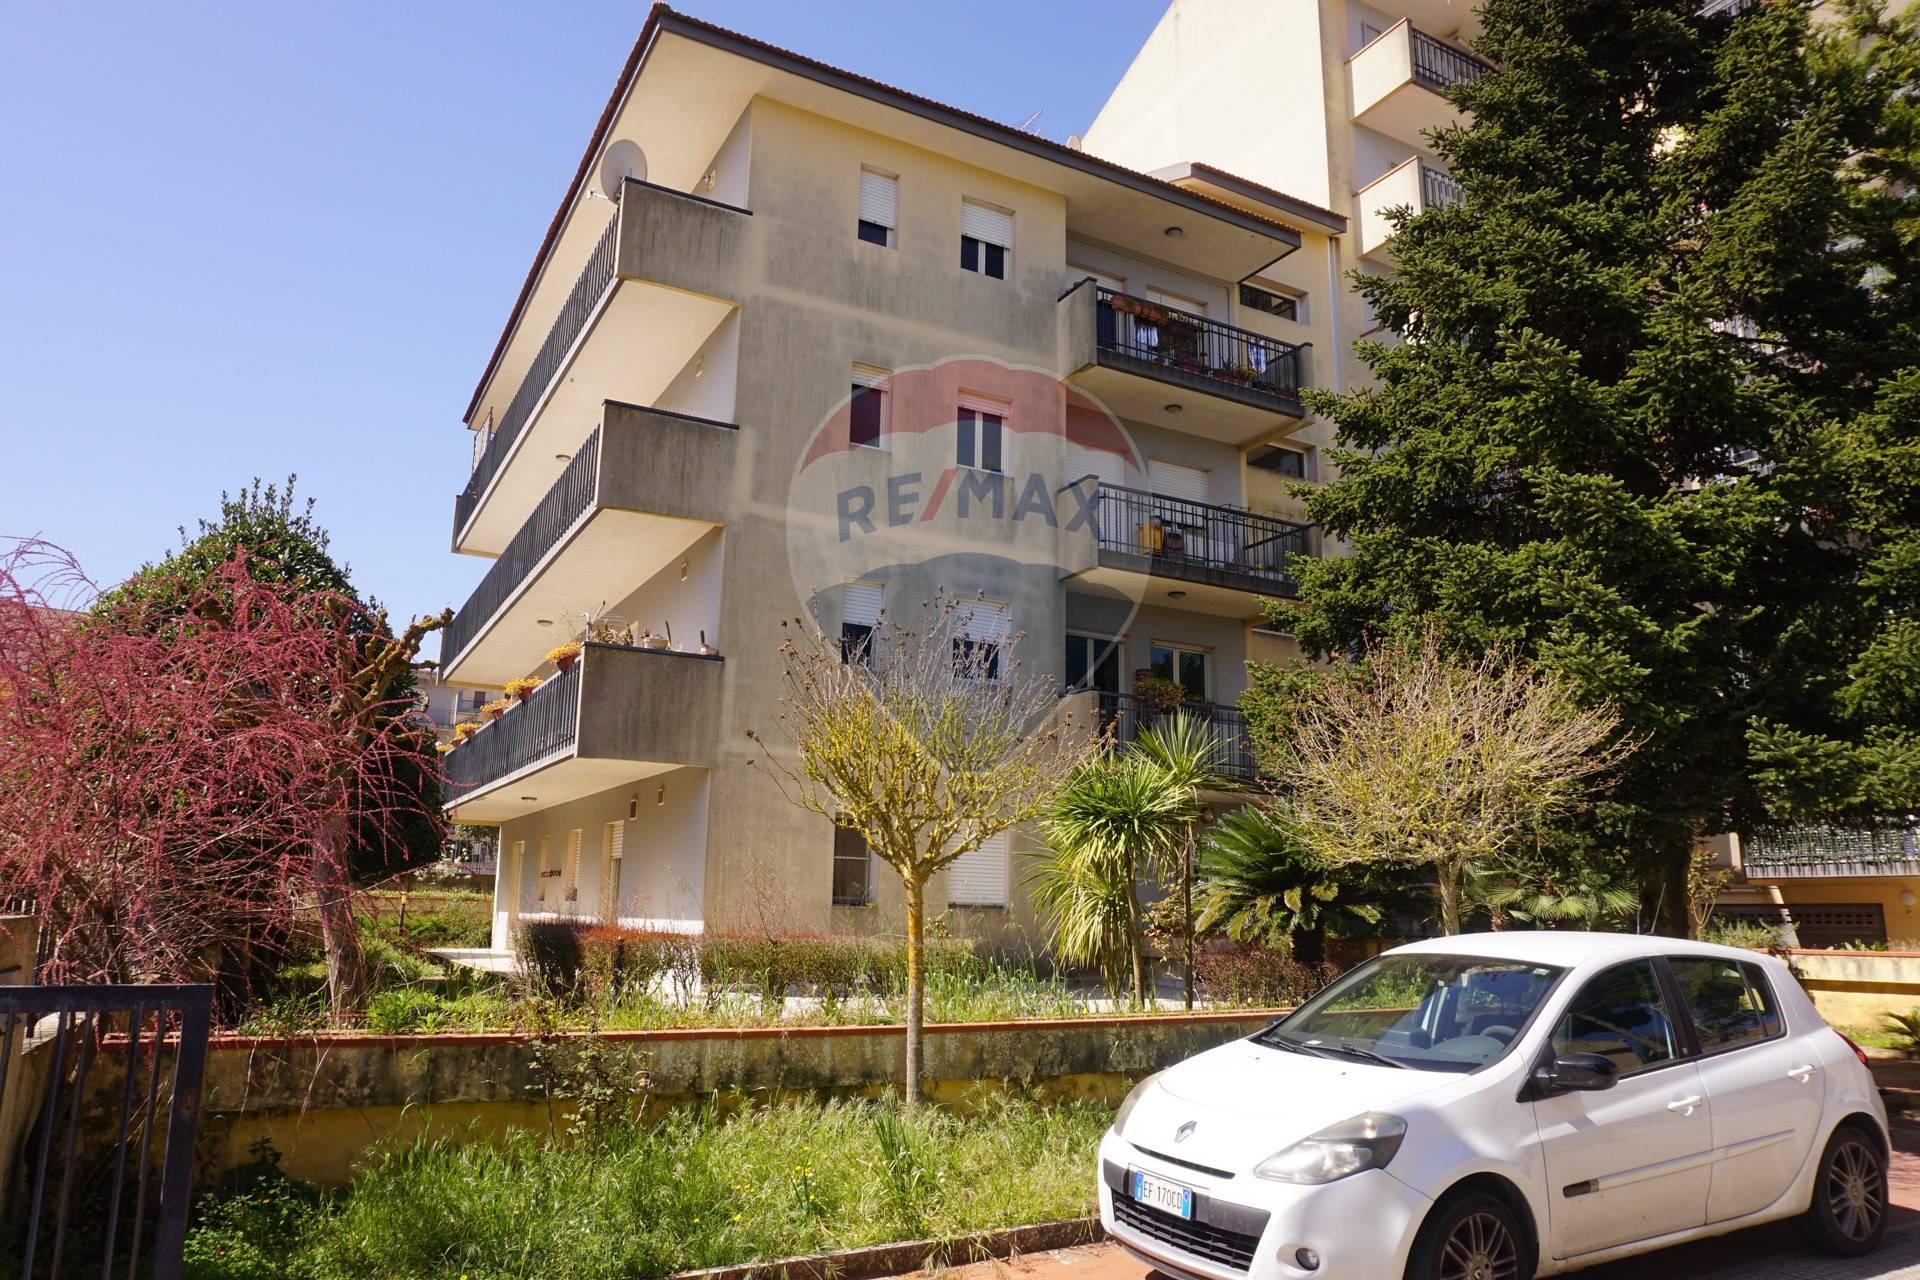 Appartamento in affitto a Ragusa, 6 locali, zona Località: Beddio, prezzo € 600 | CambioCasa.it